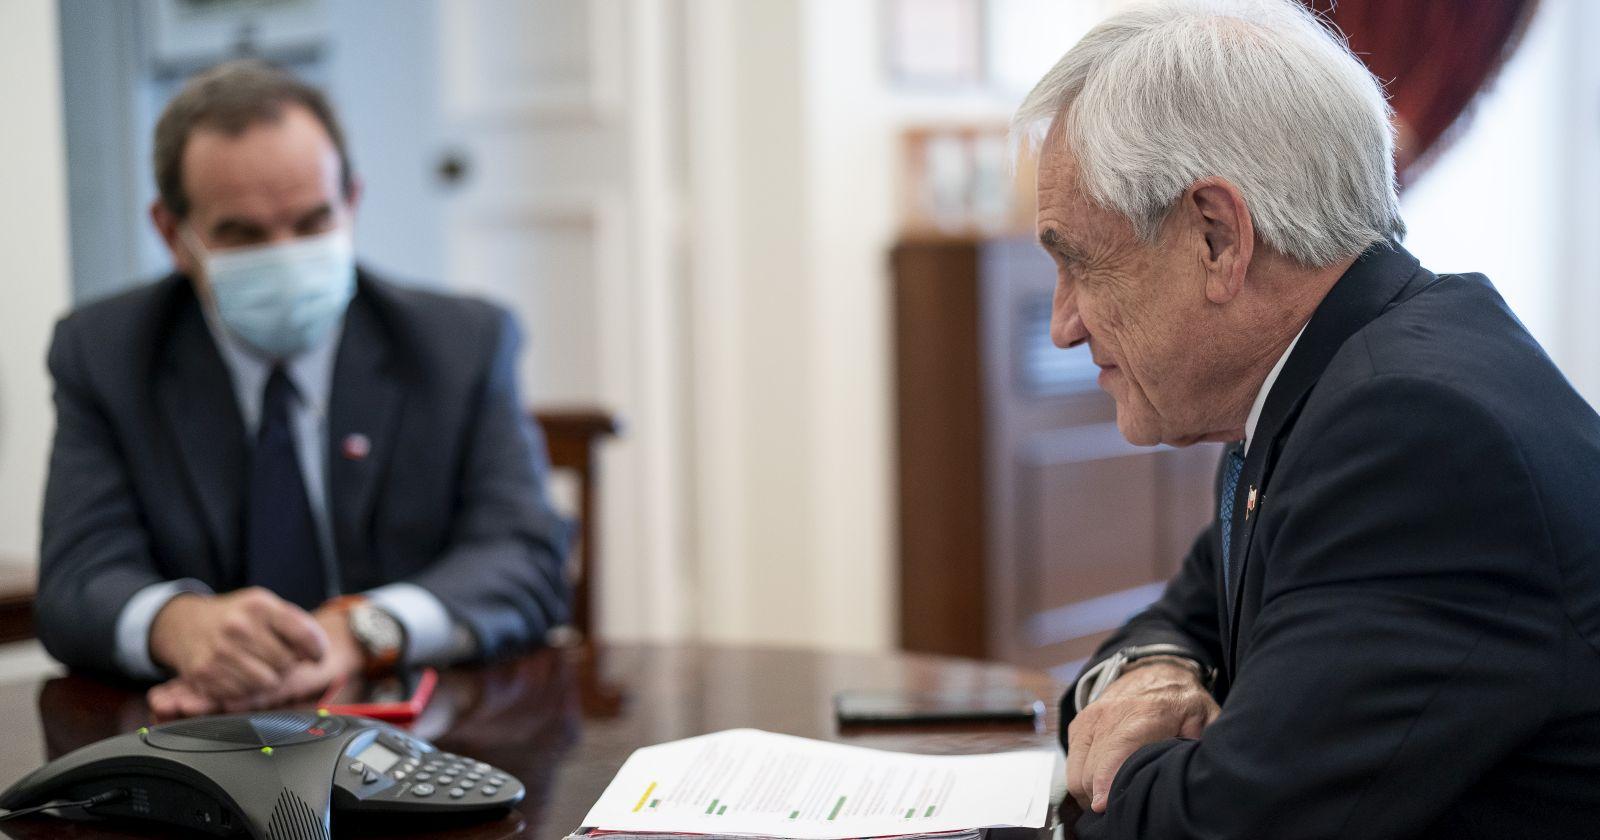 Presidente Piñera conversó con Joe Biden sobre la vacuna y el cambio climático